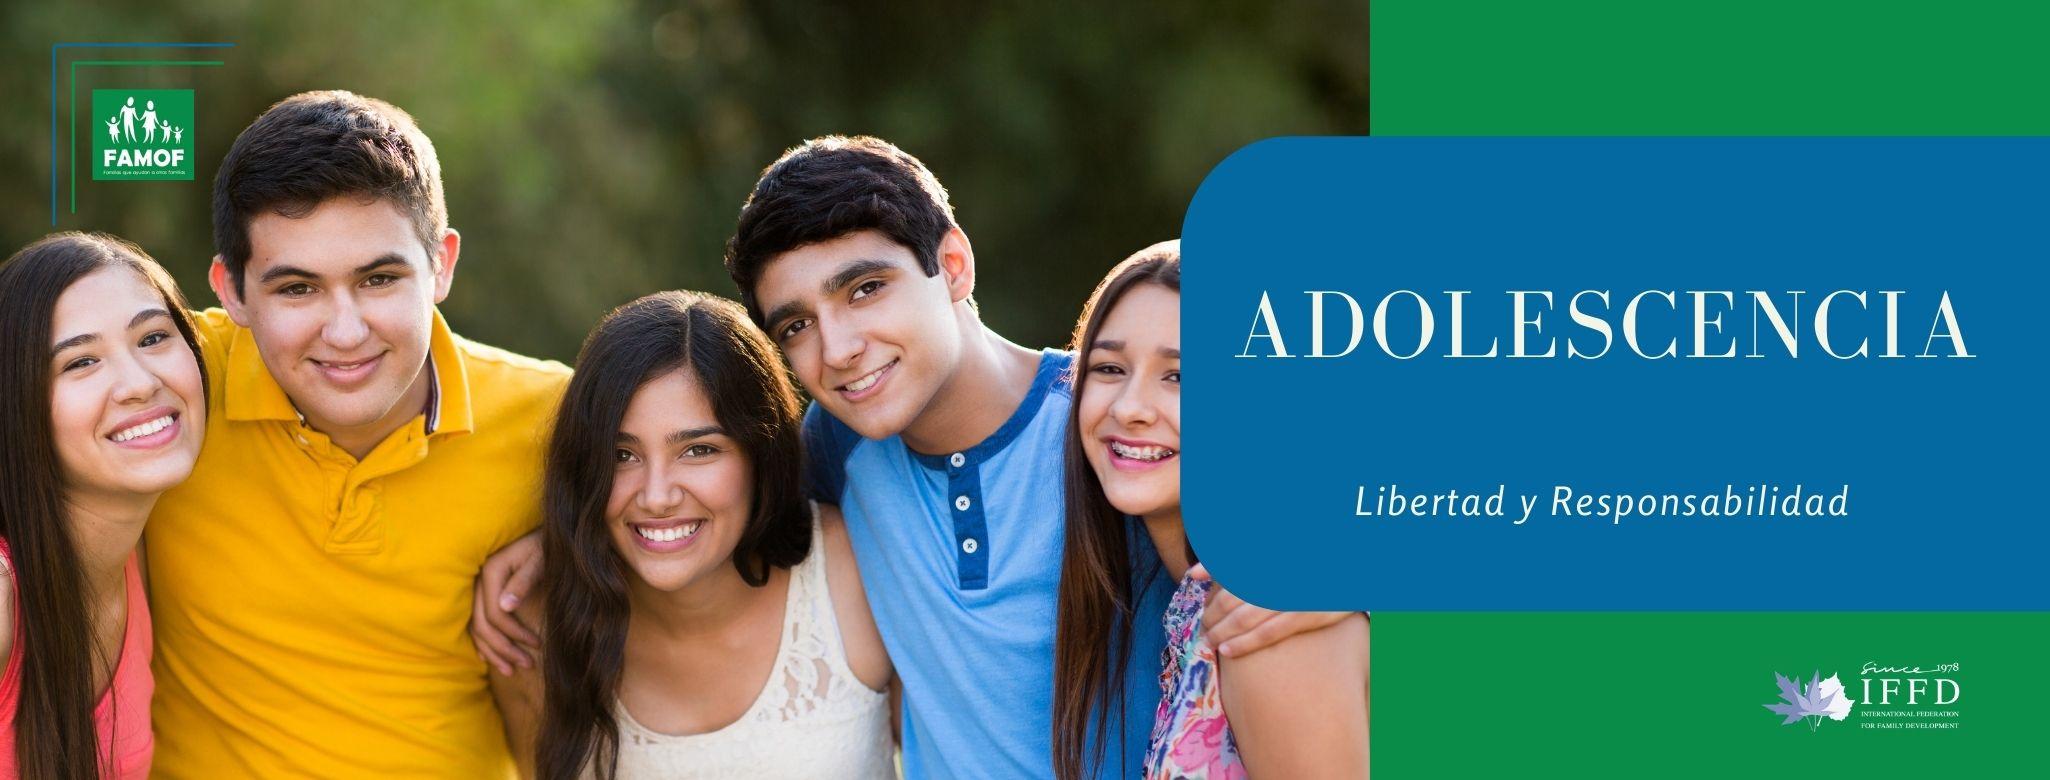 Edad escolar - Adolescencia - Portada 2